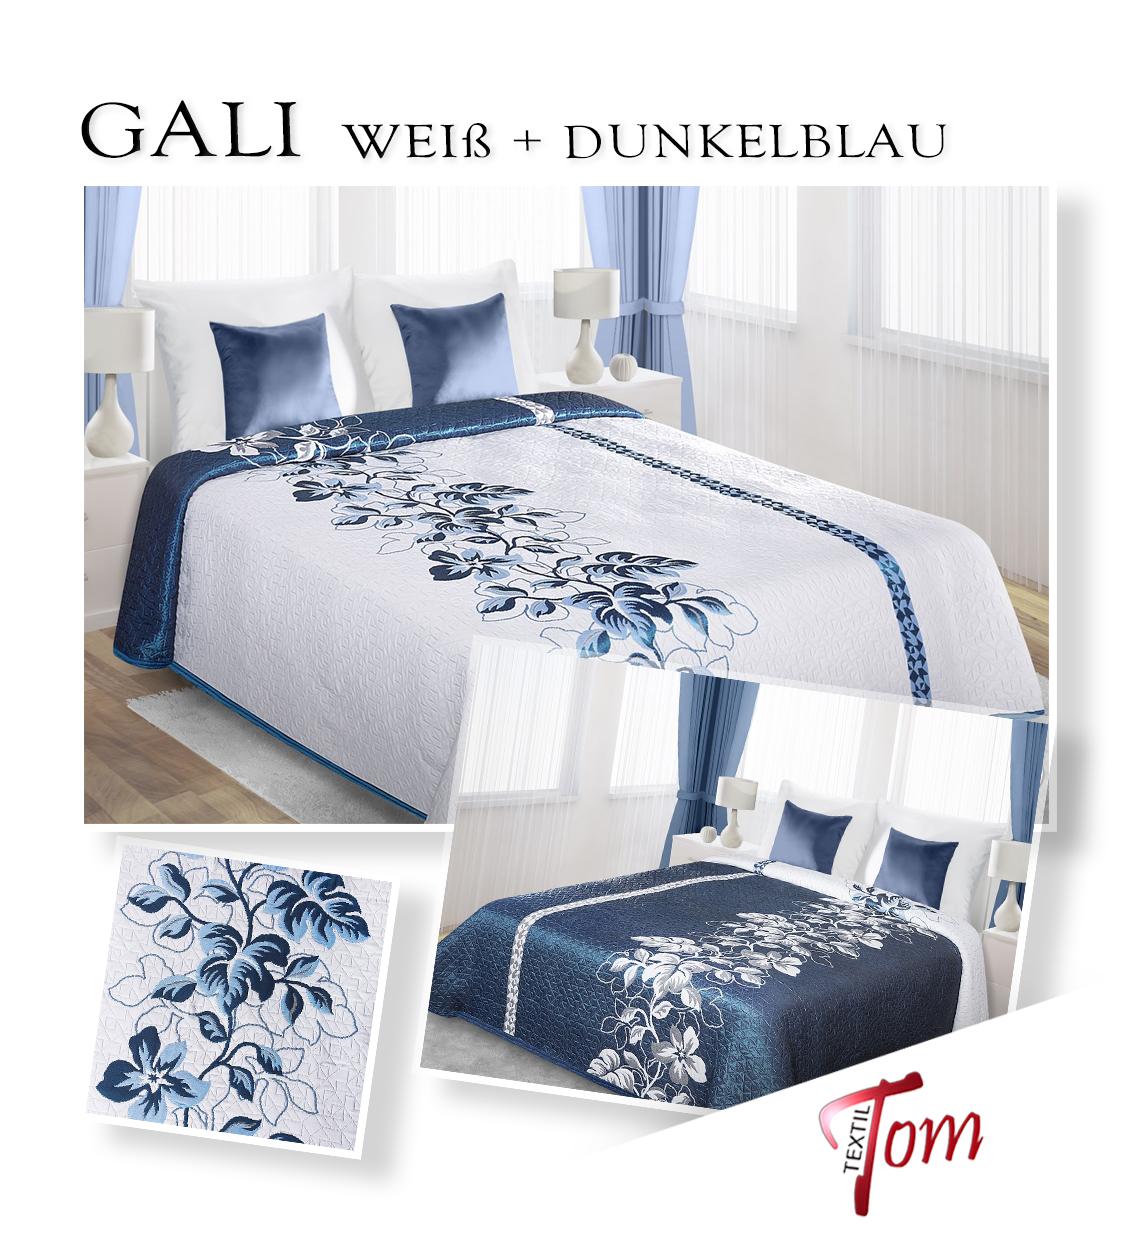 zweiseitige tagesdecke bett berwurf 170x210 220x240 230x260 viele modelle ebay. Black Bedroom Furniture Sets. Home Design Ideas